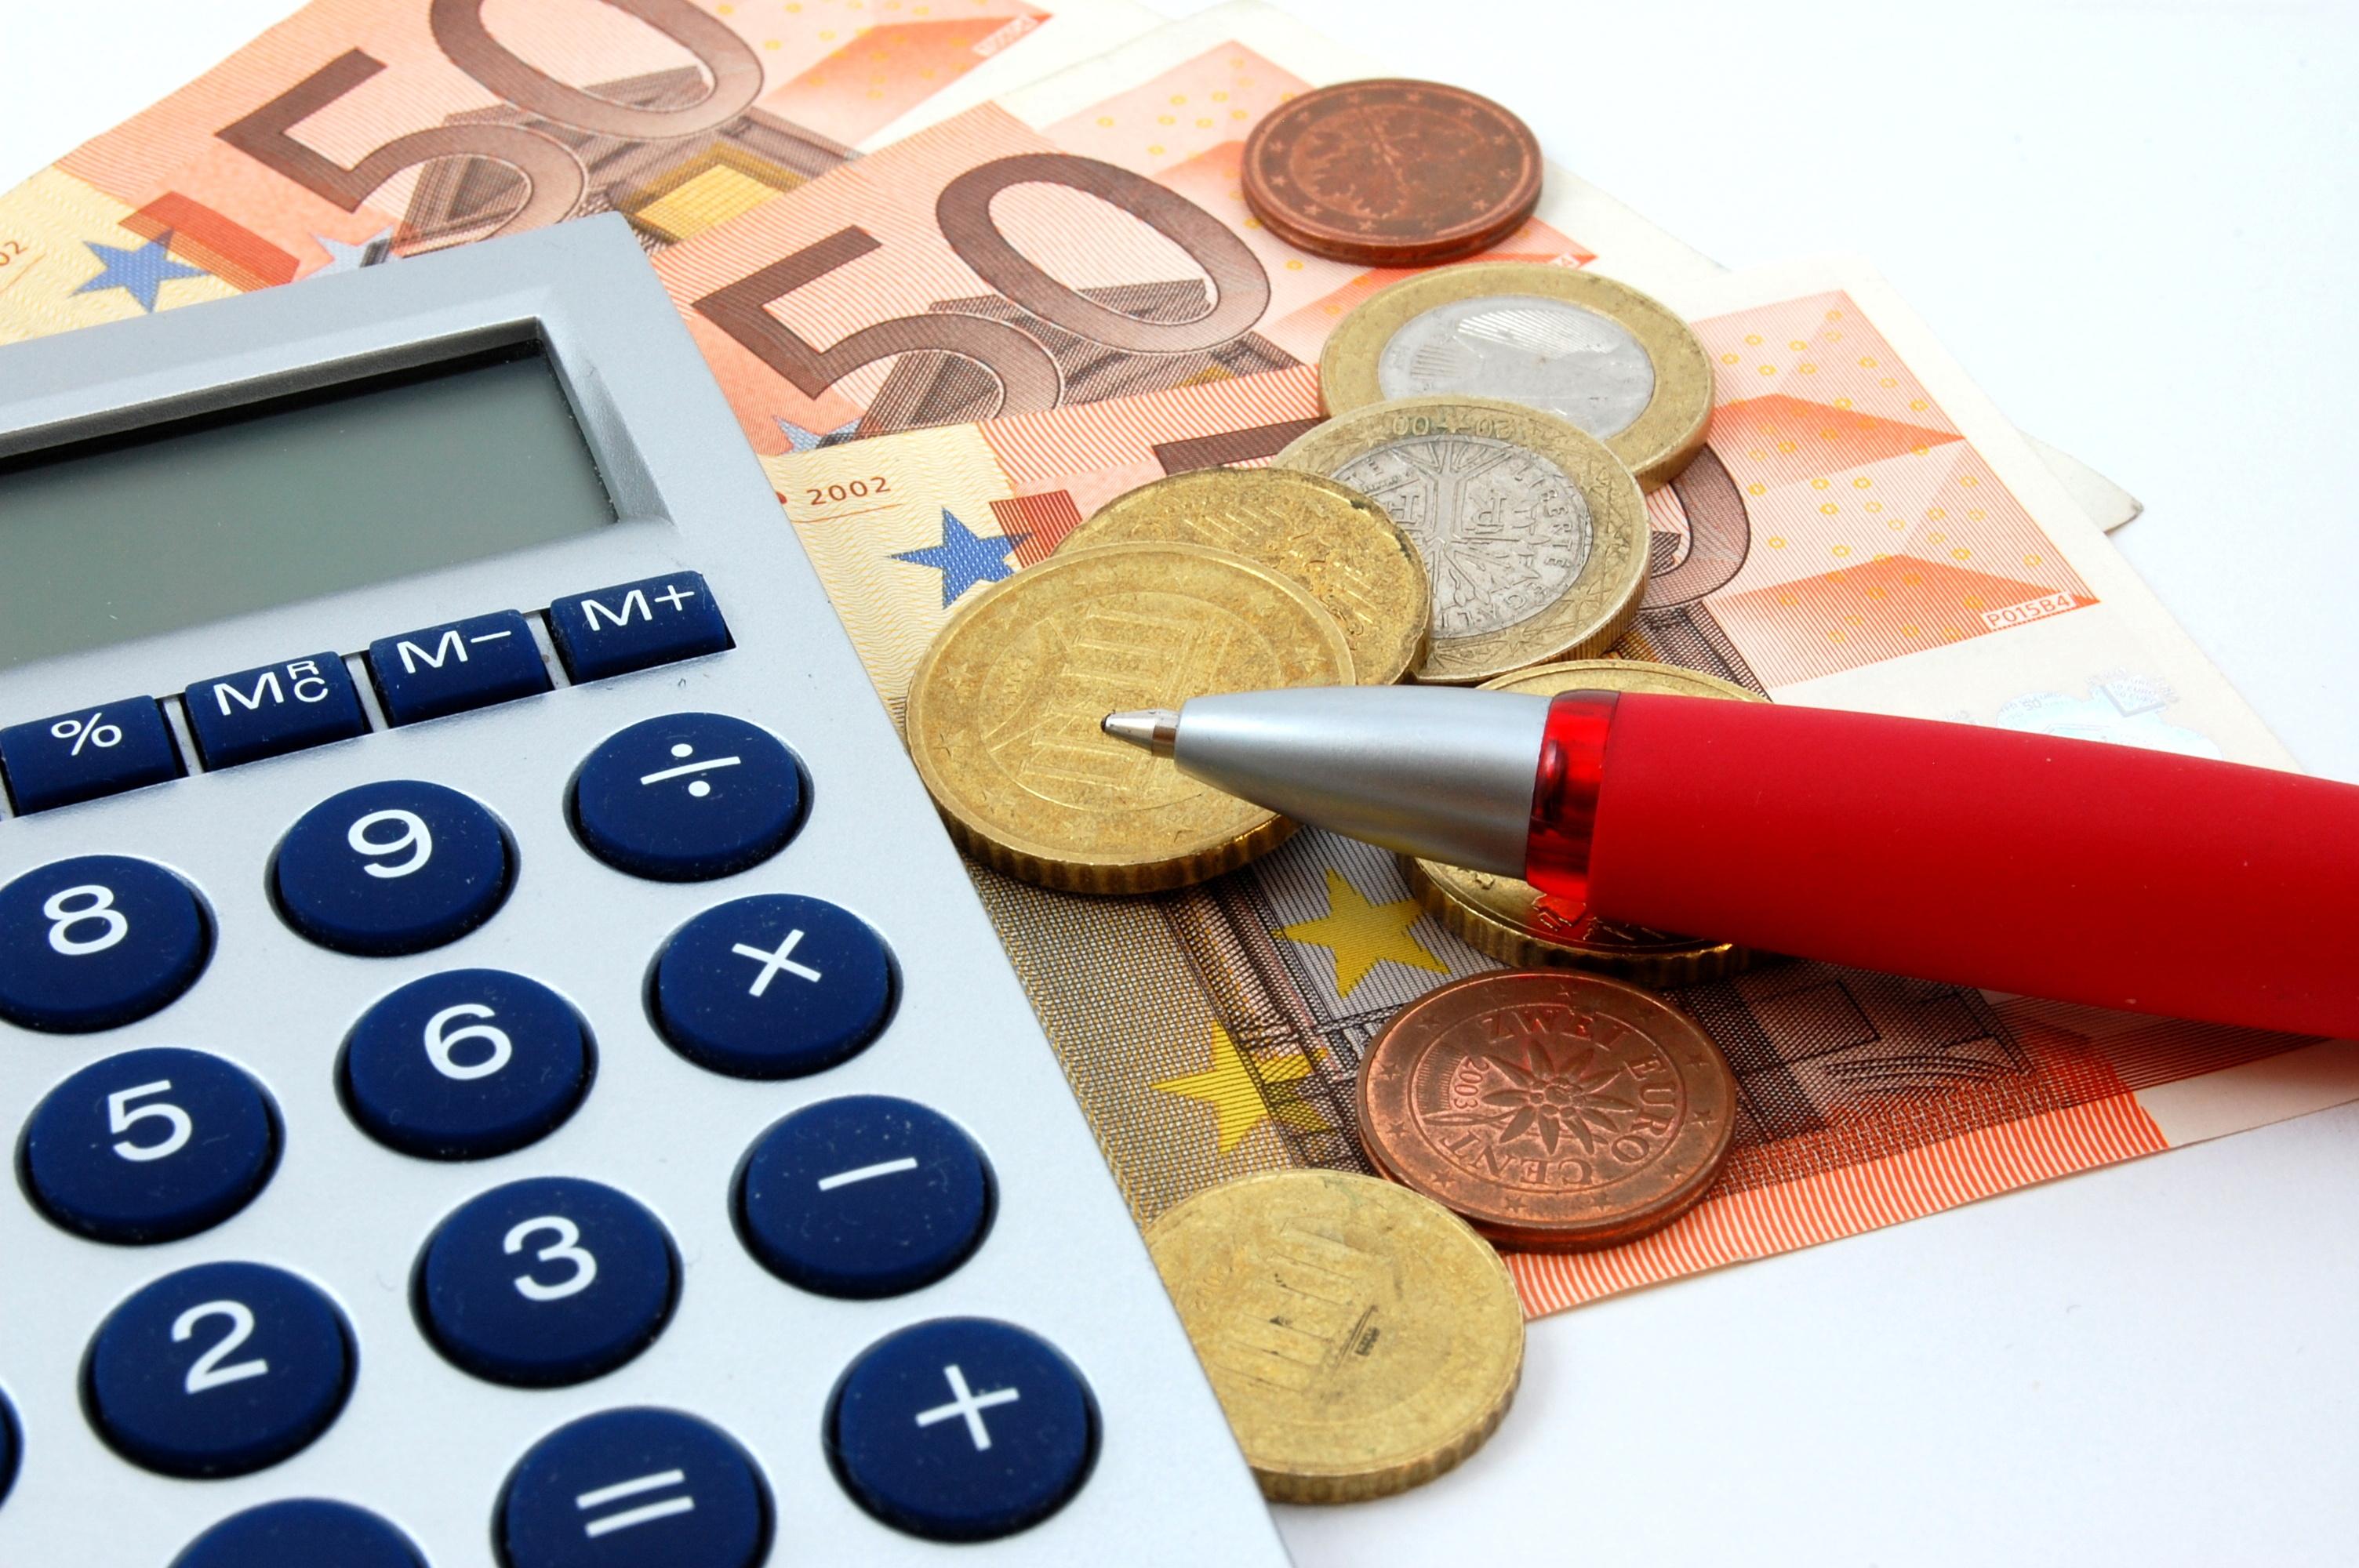 Comment faire des économies sur ses coûts d'impression ?